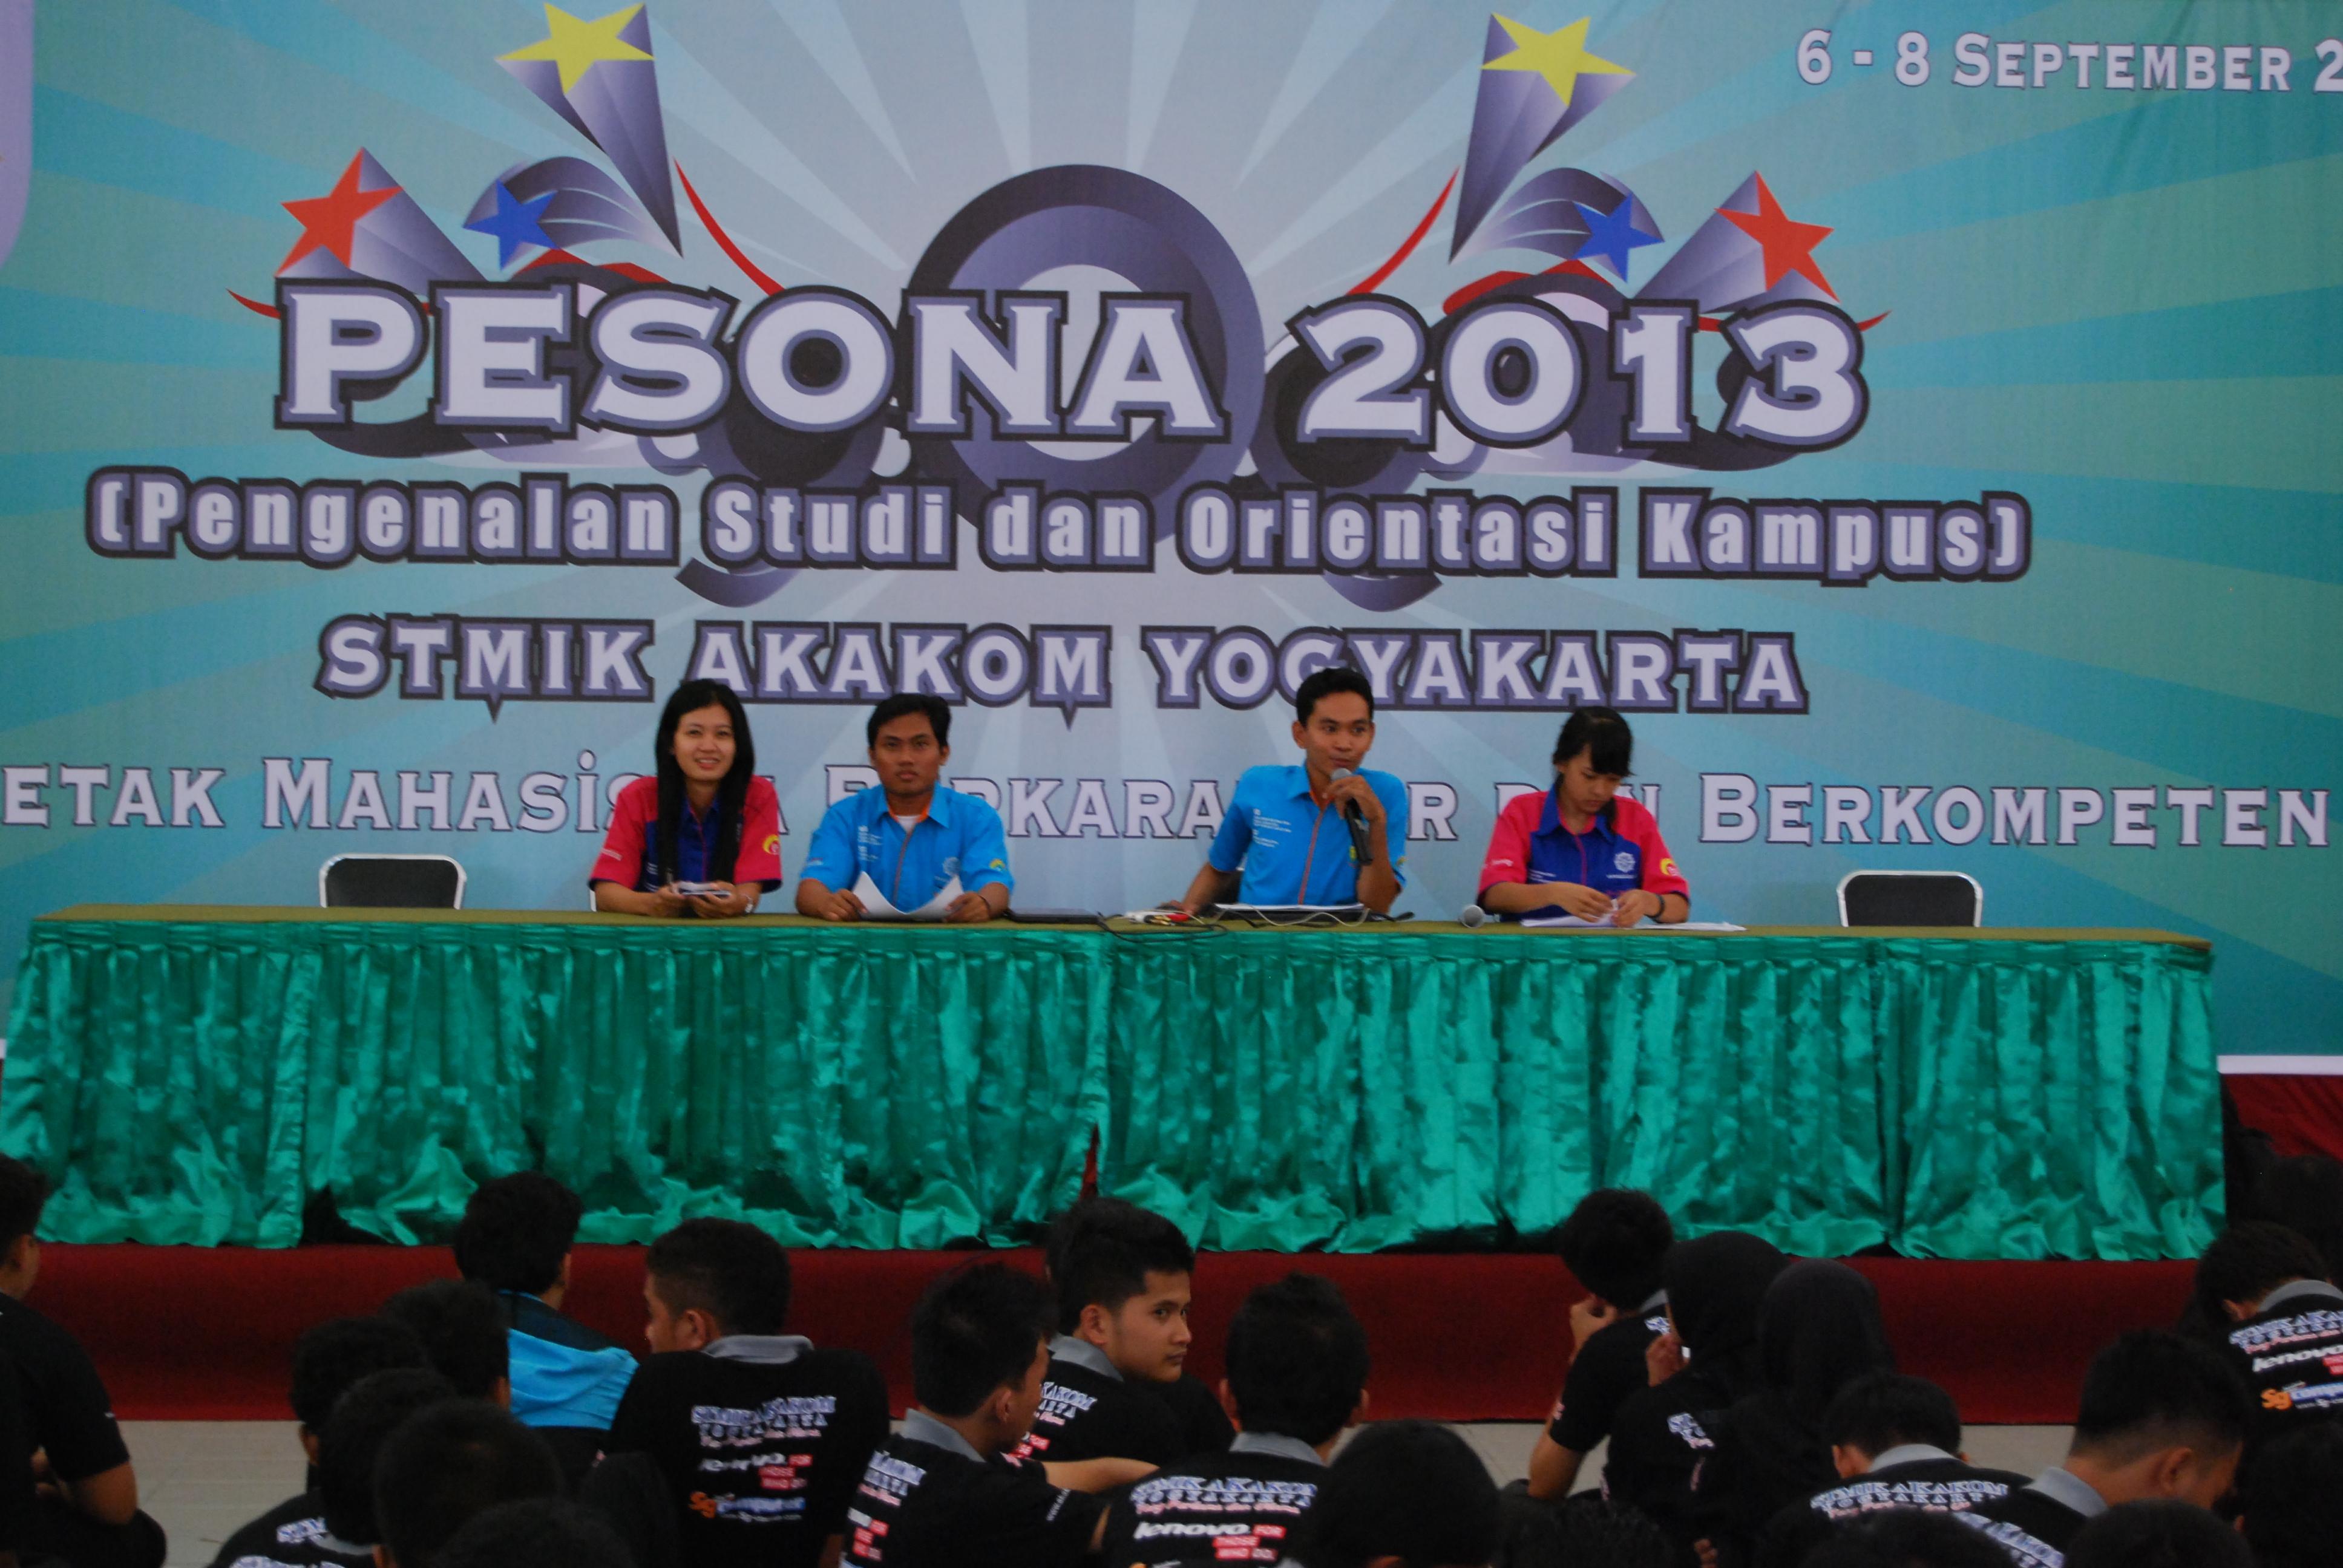 PESONA 2013